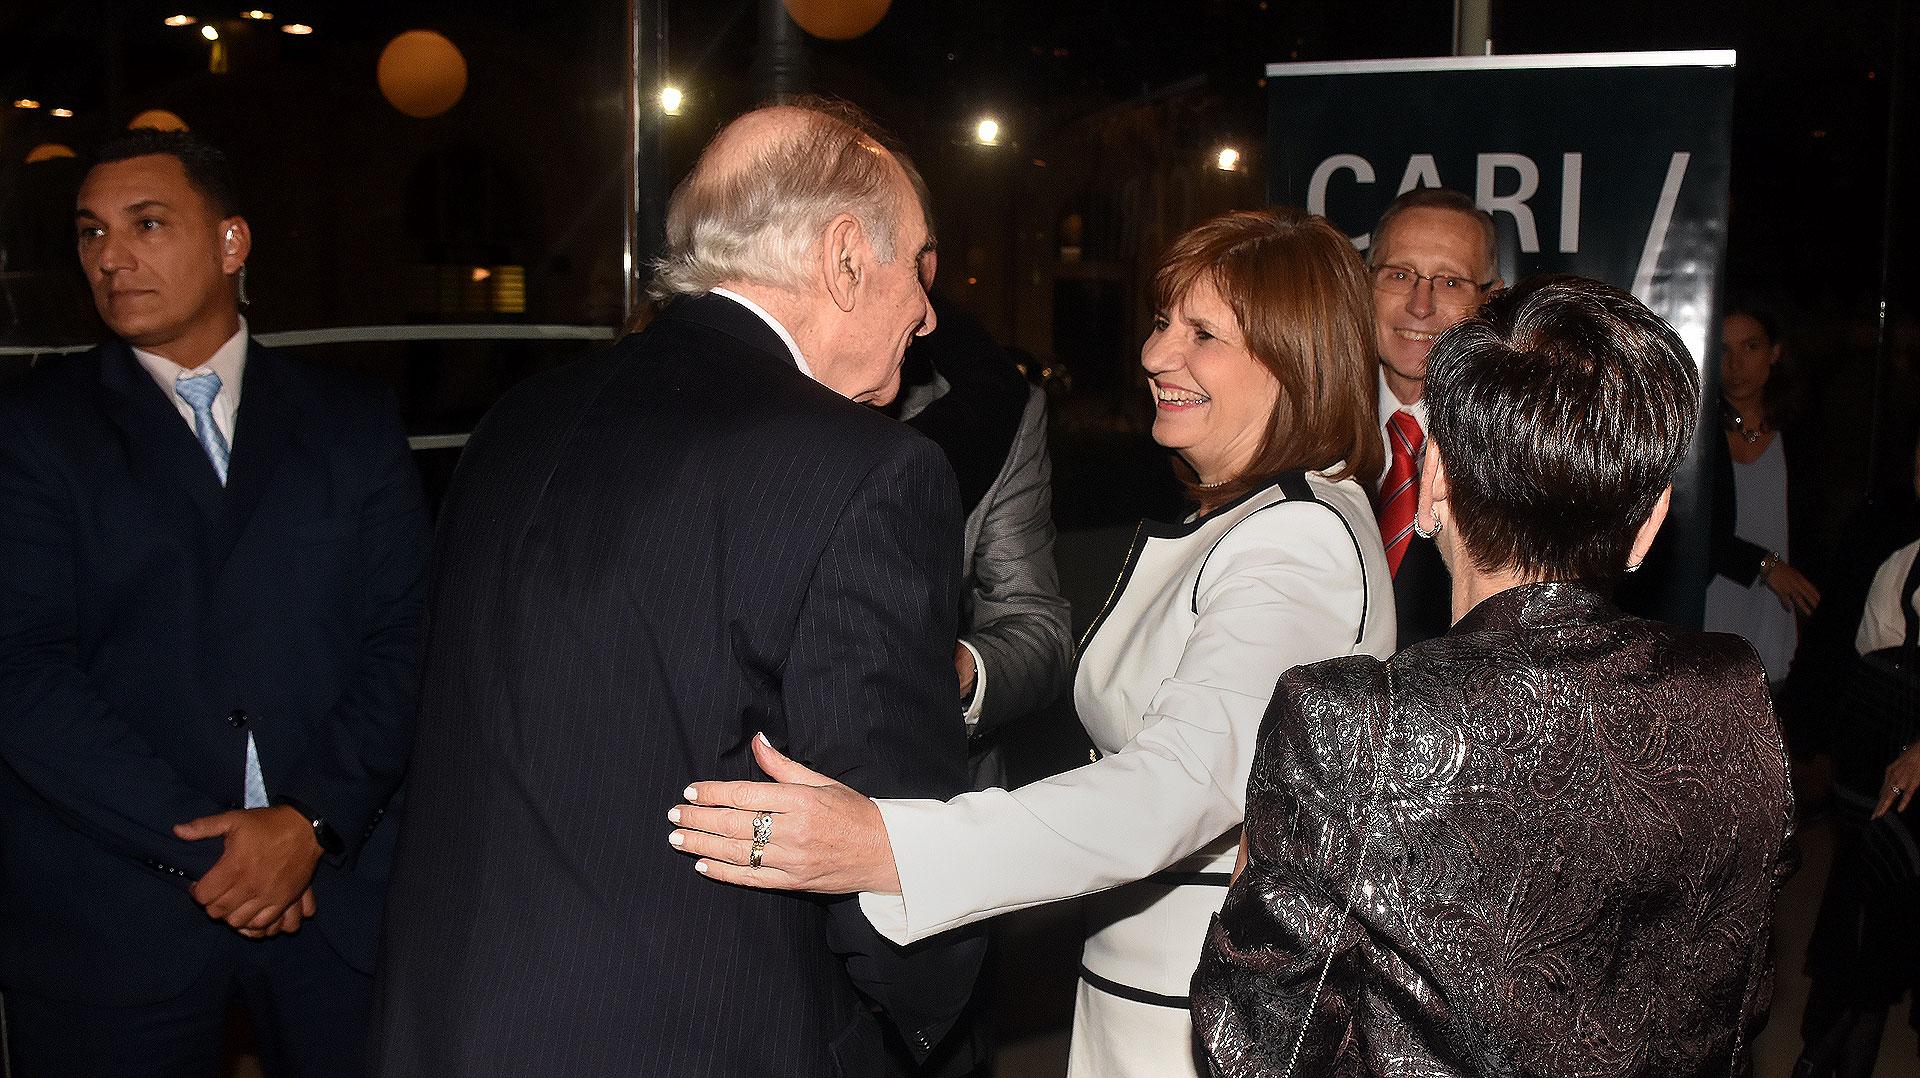 El saludo entre Fernando De la Rúa y Patricia Bullrich